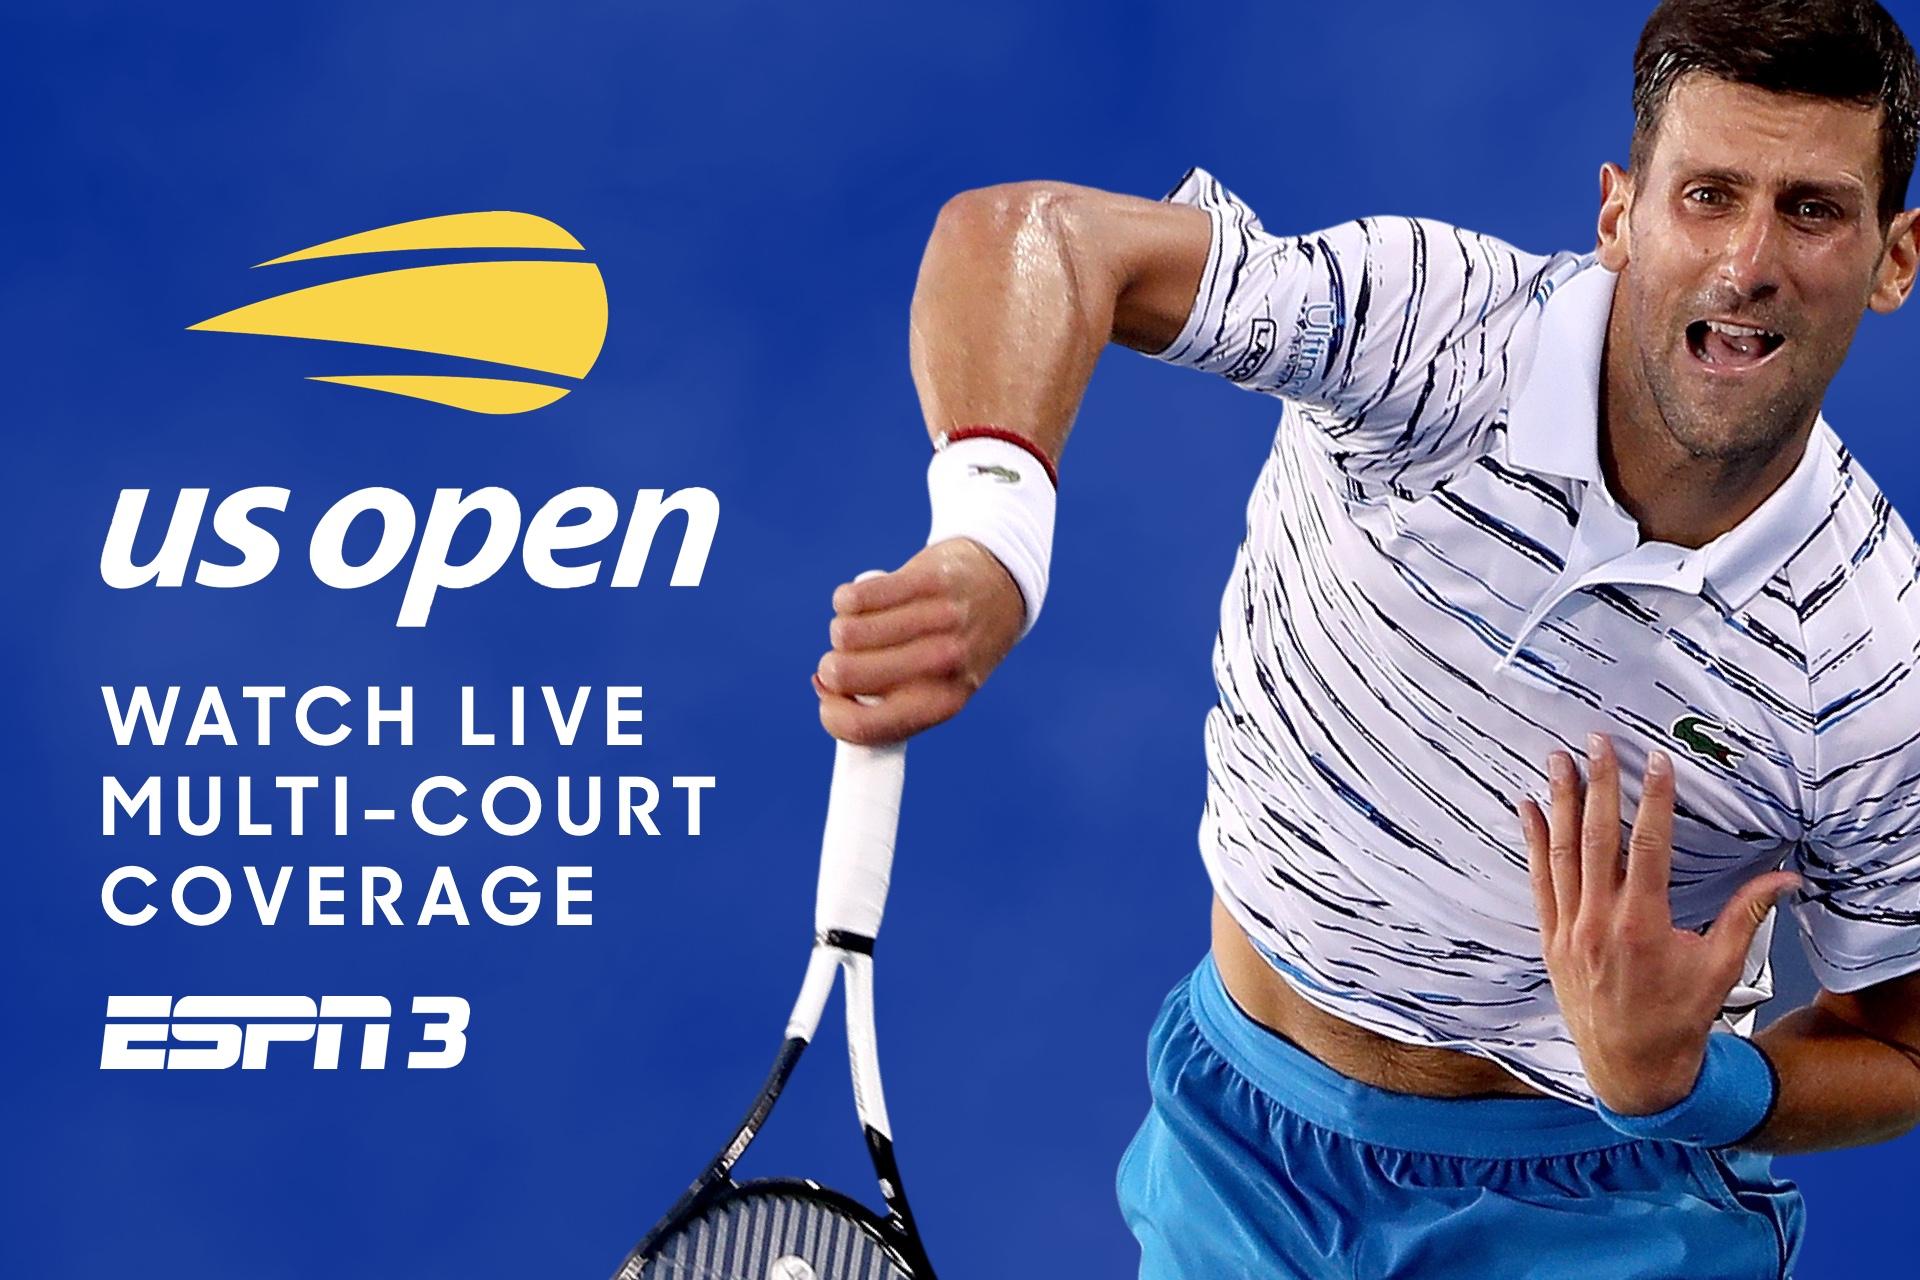 U.S_Open_Novak_Djokovic_Live.jpg